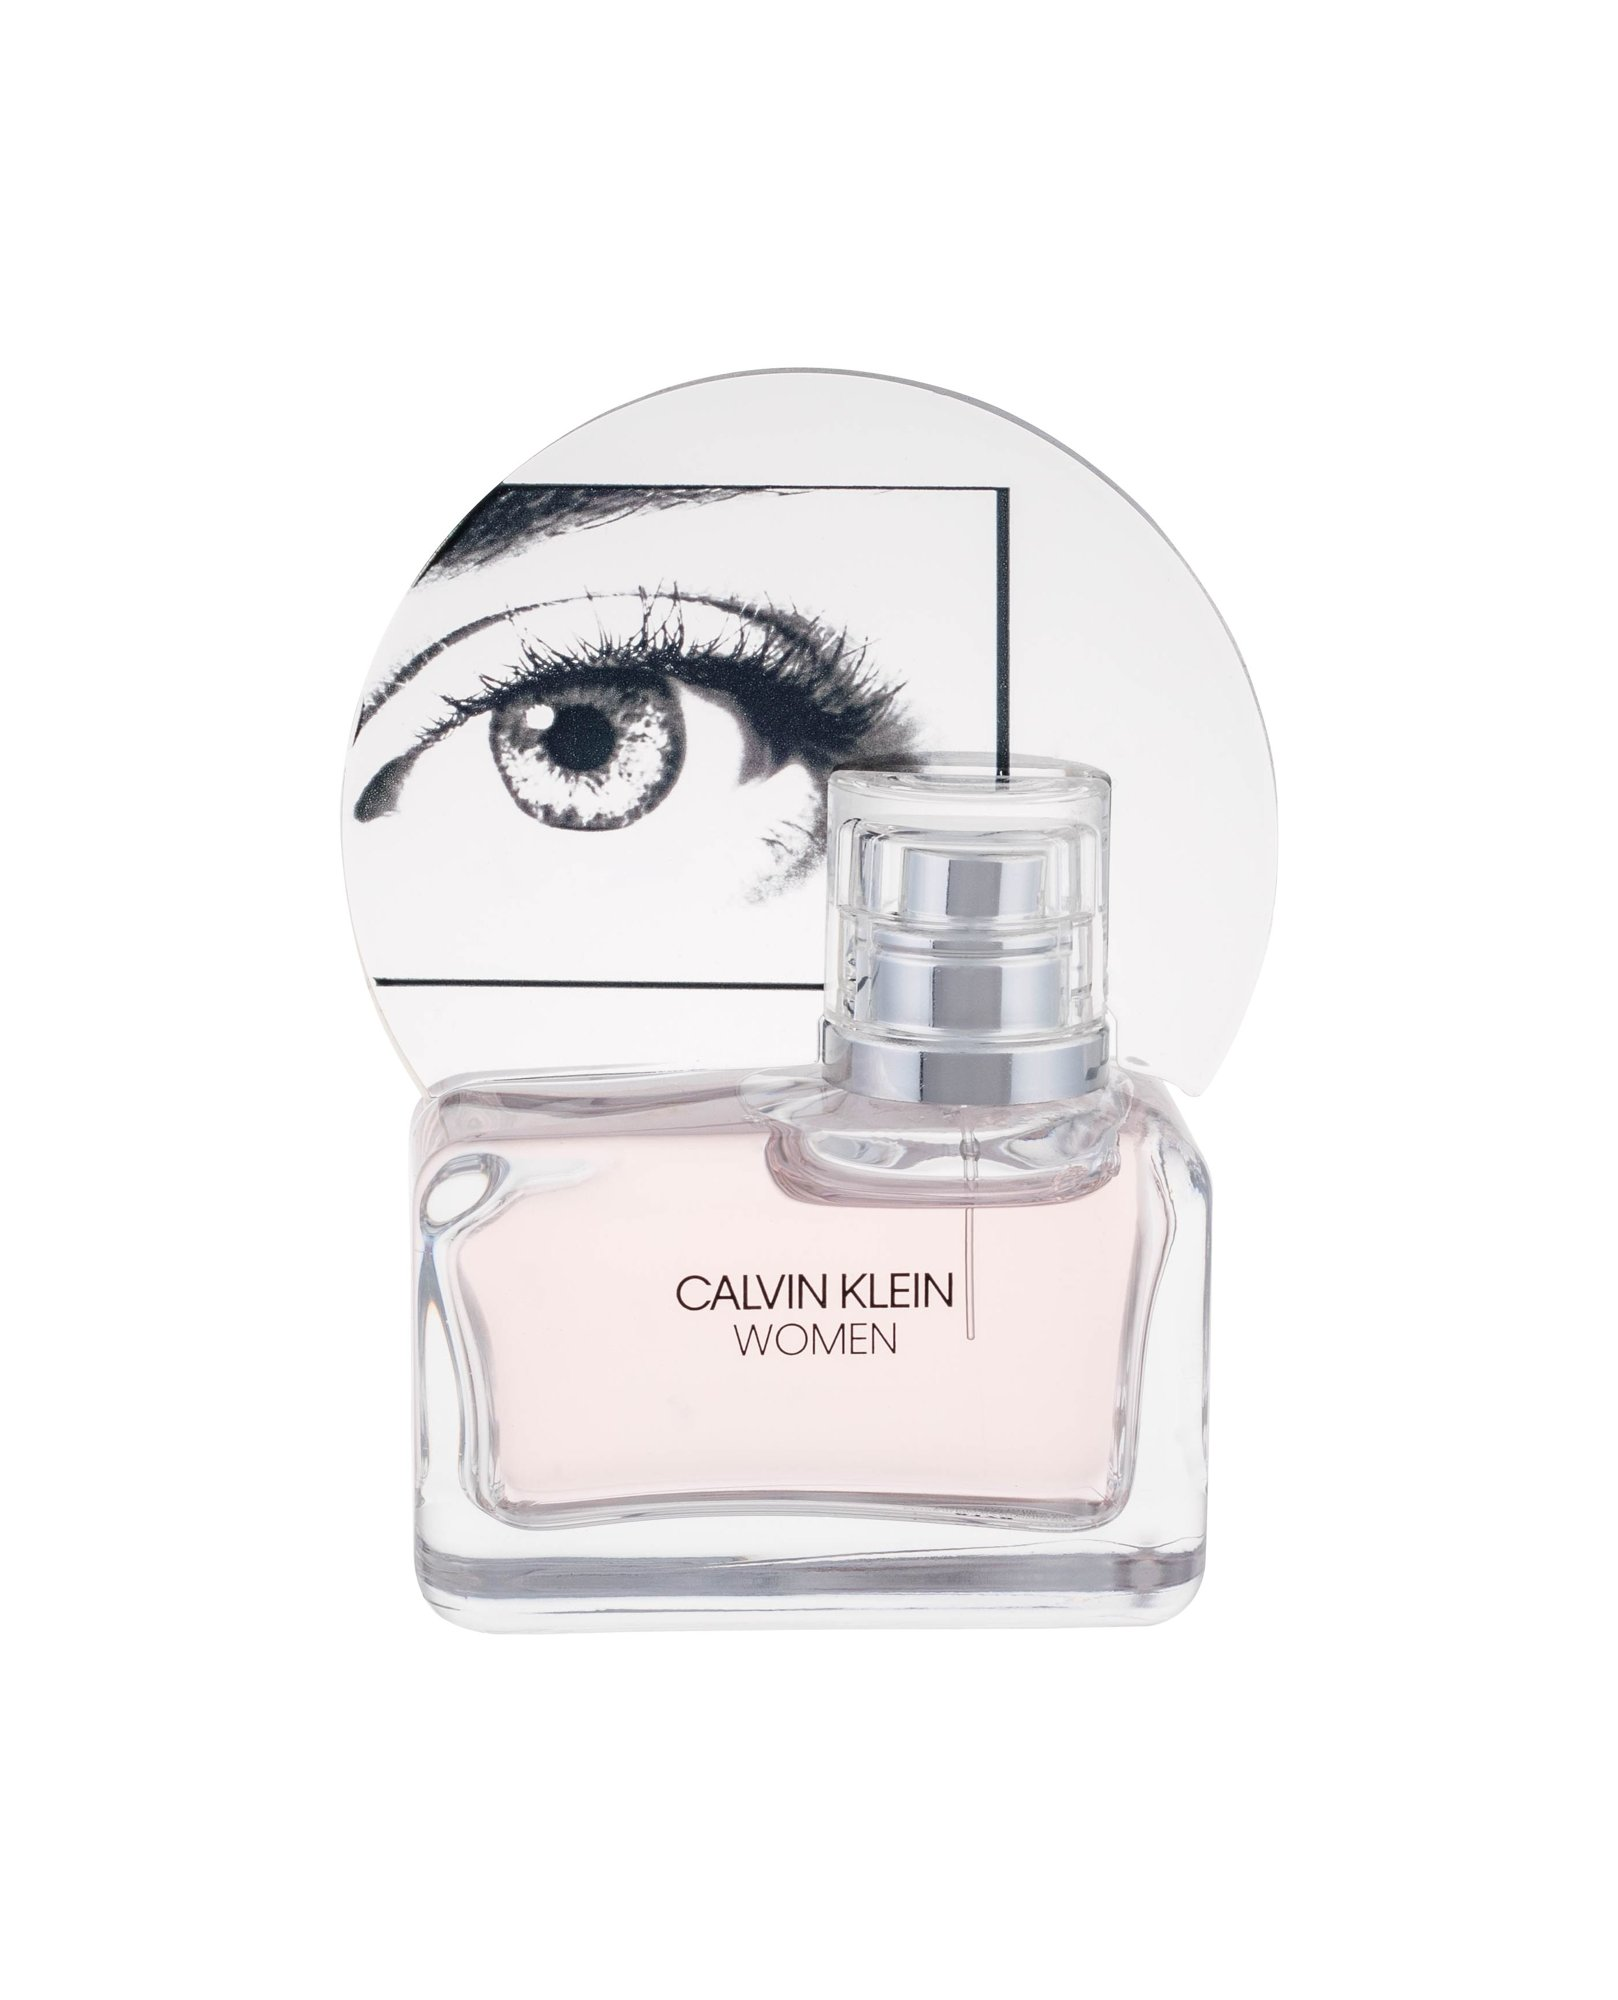 calvin klein womens perfume price